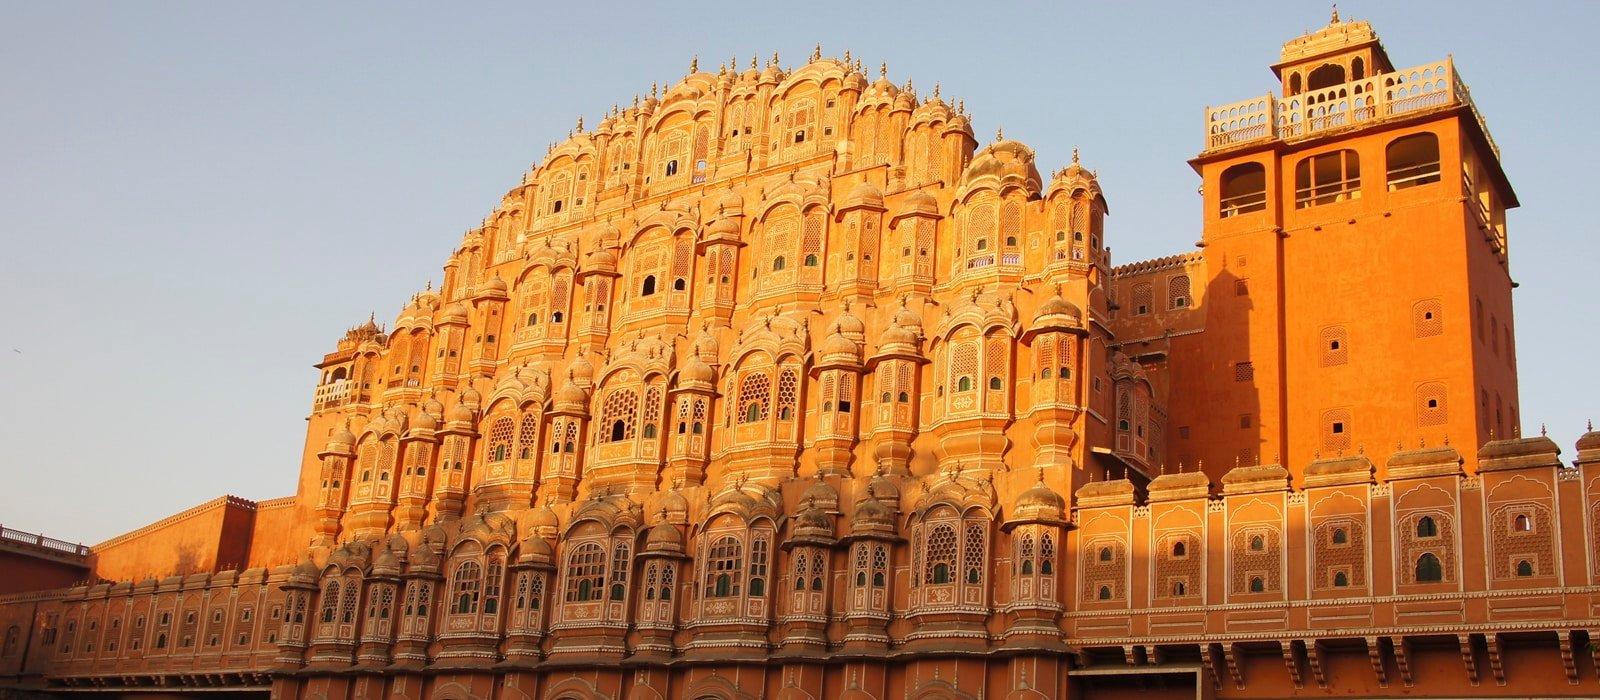 img-diapo-entete - Rajasthan-1600x700-1.jpg